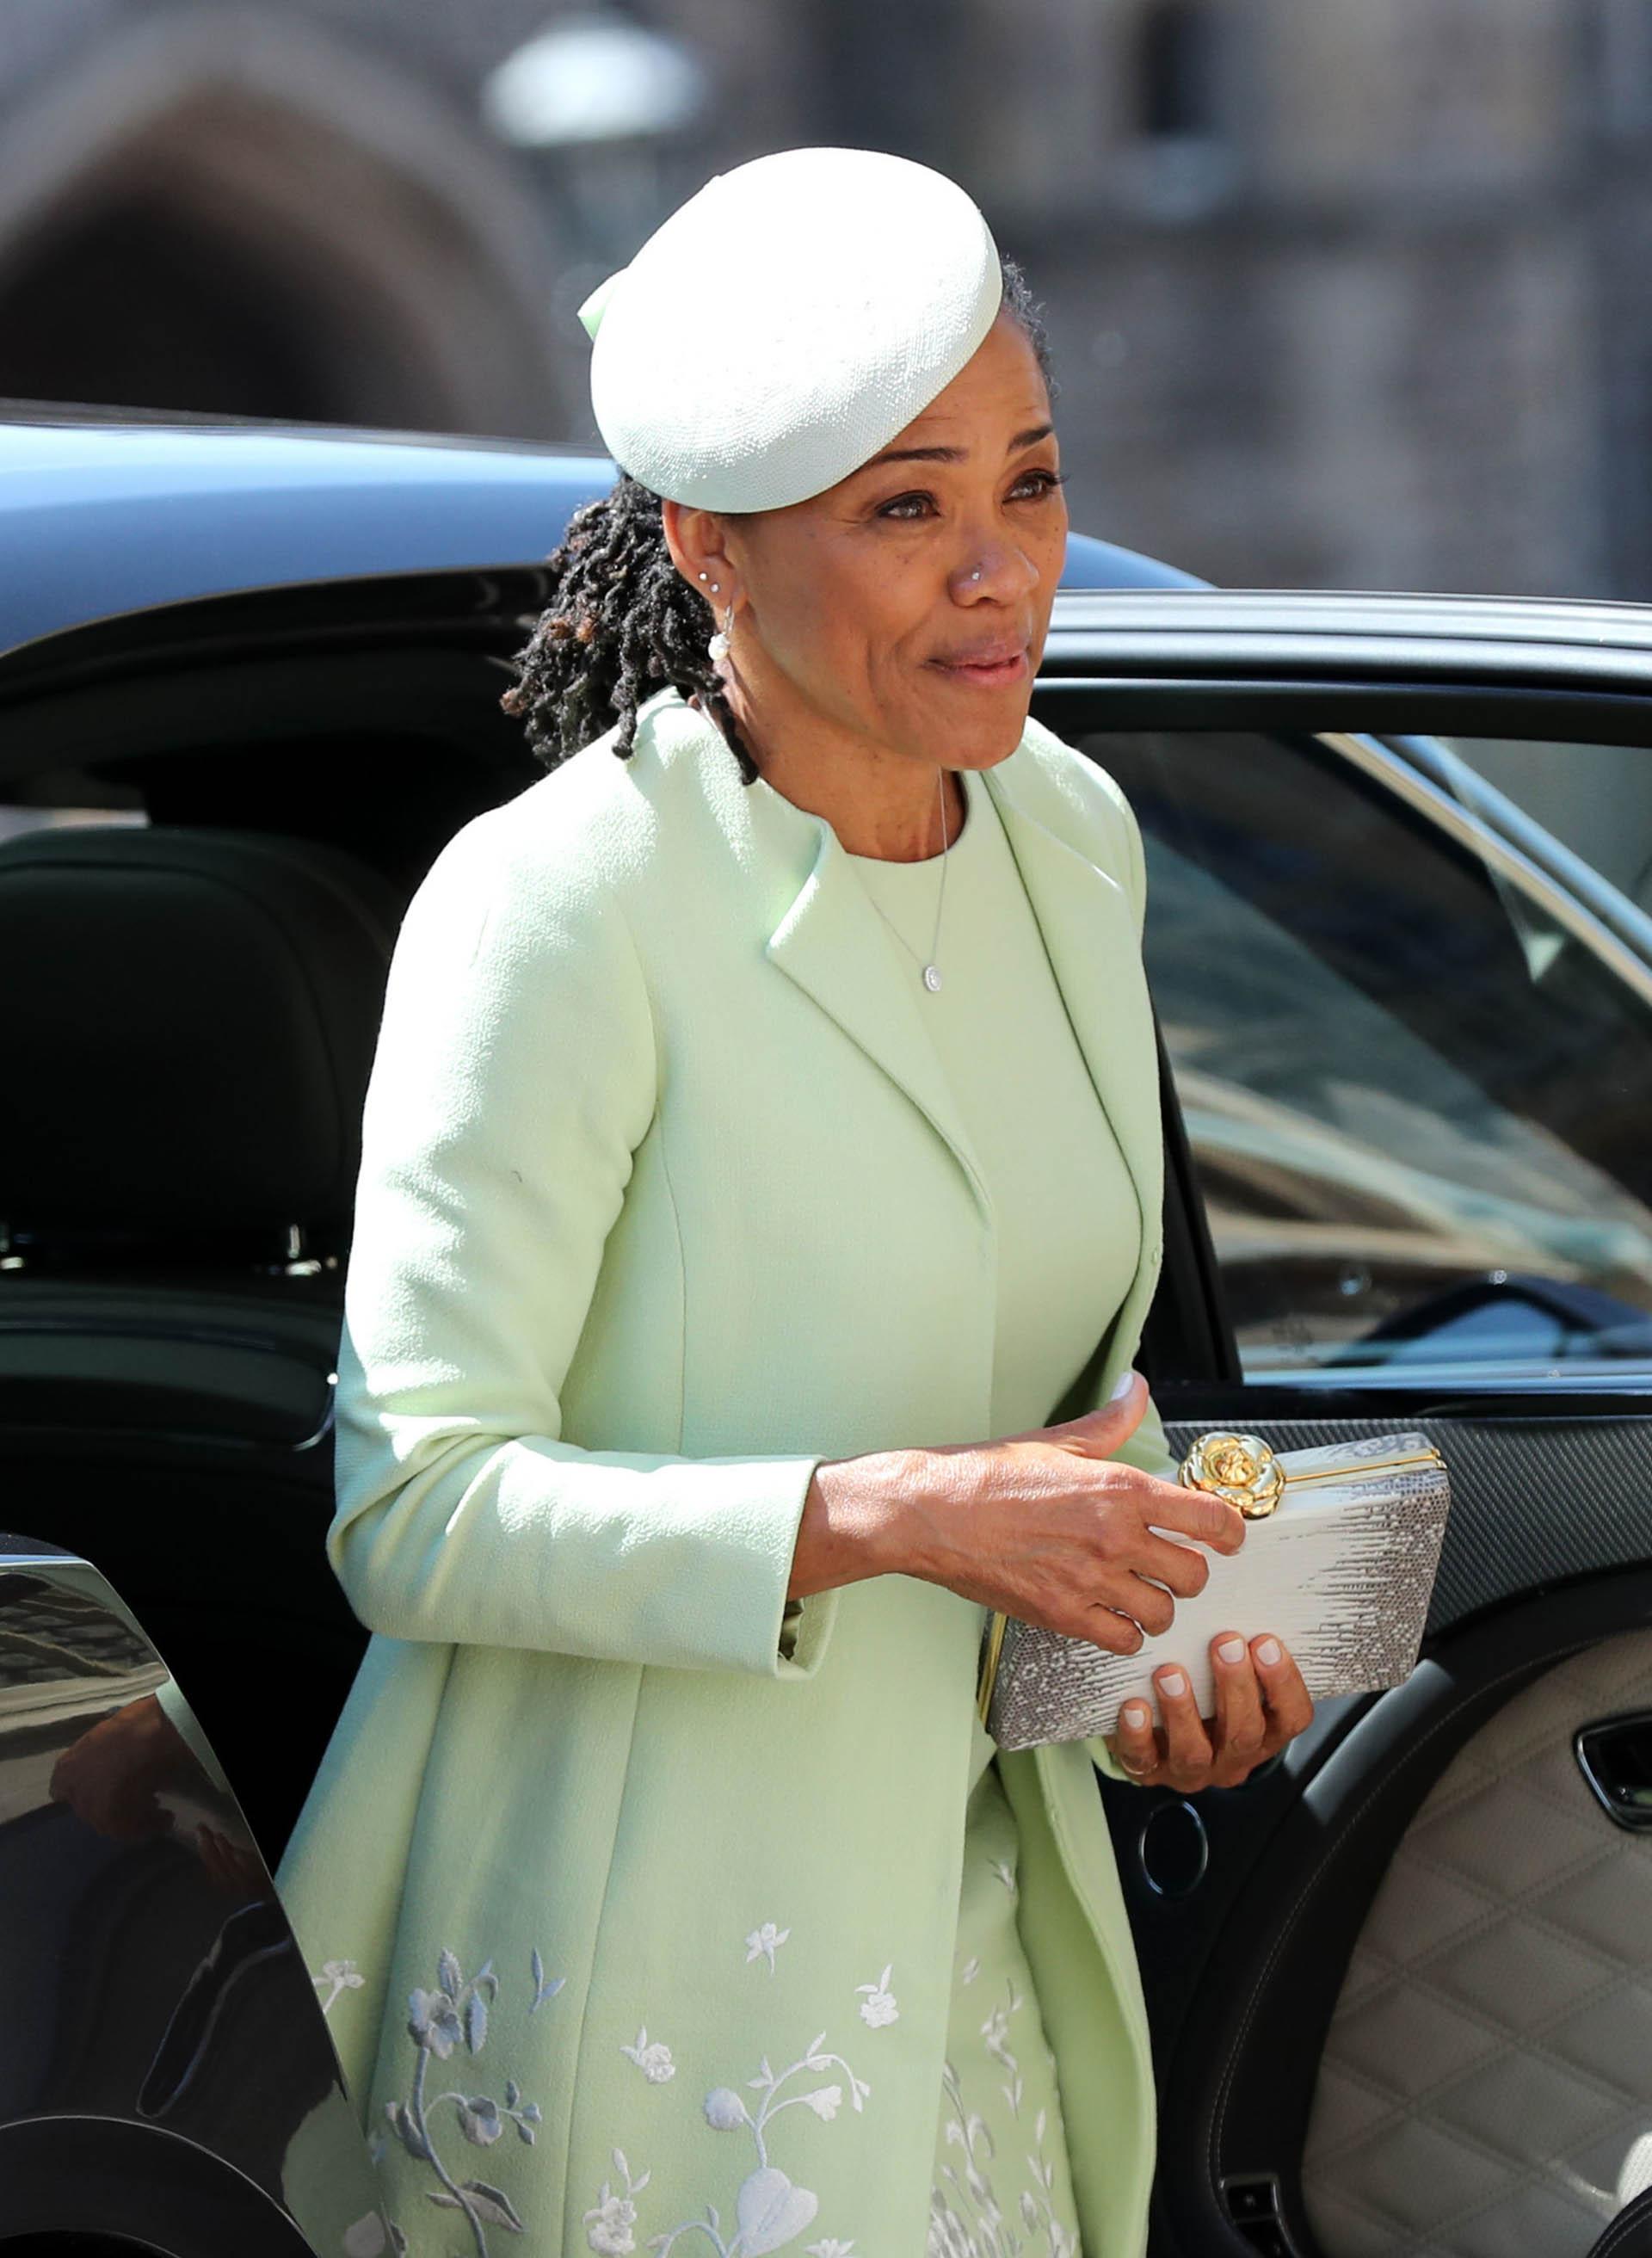 Doria Ragland llegó junto a su hija.Muy elegante con el vestido y tapado de Oscar de la Renta, con delicados bordados en blanco y un clutch en plateado (AFP/Gareth Fuller)